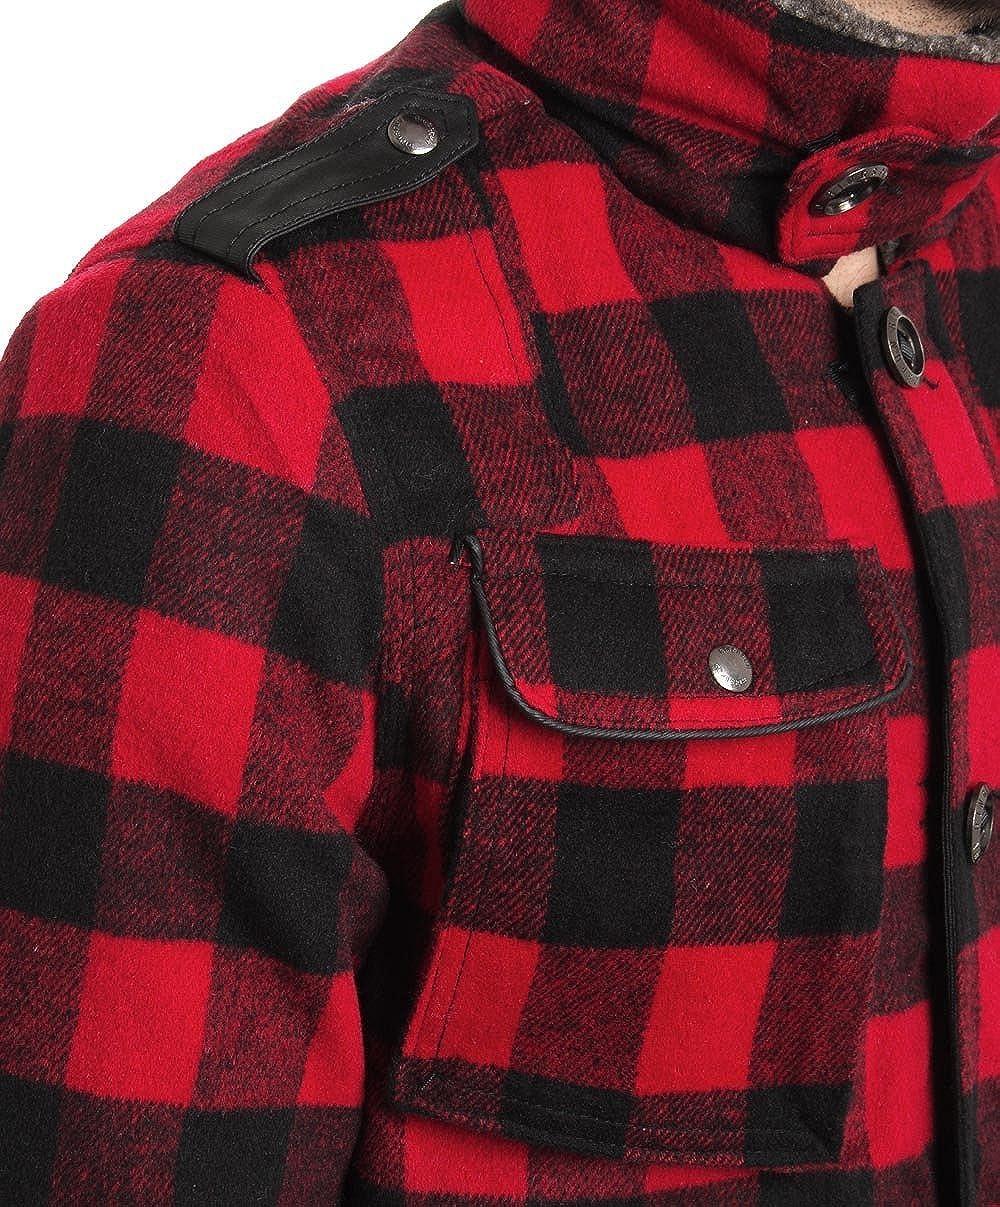 Ringspun, camicia imbottita da uomo, a quadretti, colore rosso e nero